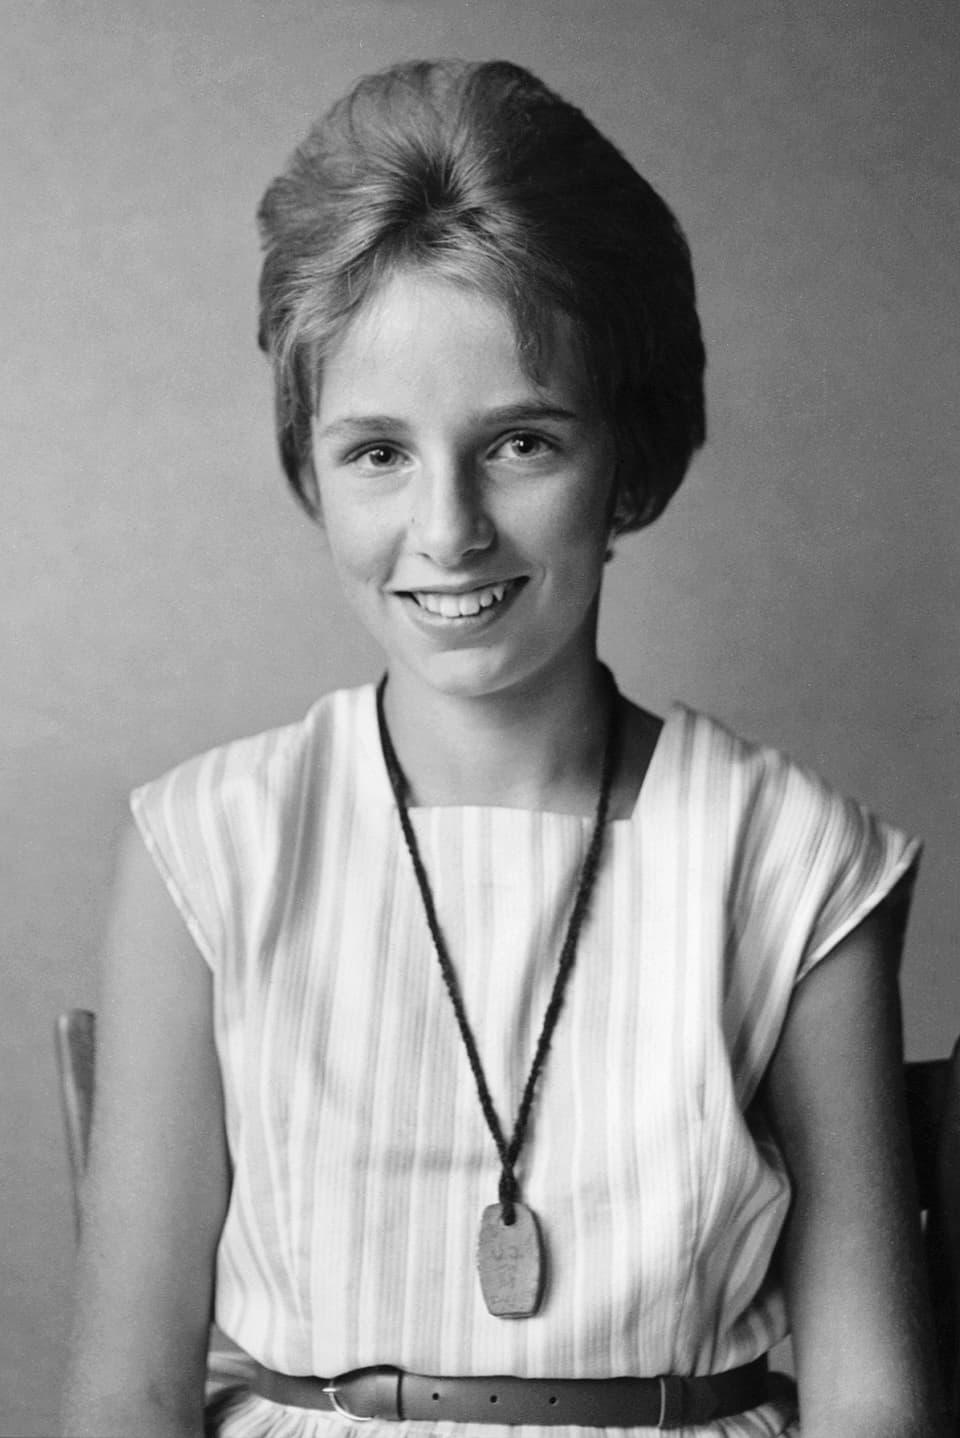 Ursula Haller als 12jähriges Mädchen